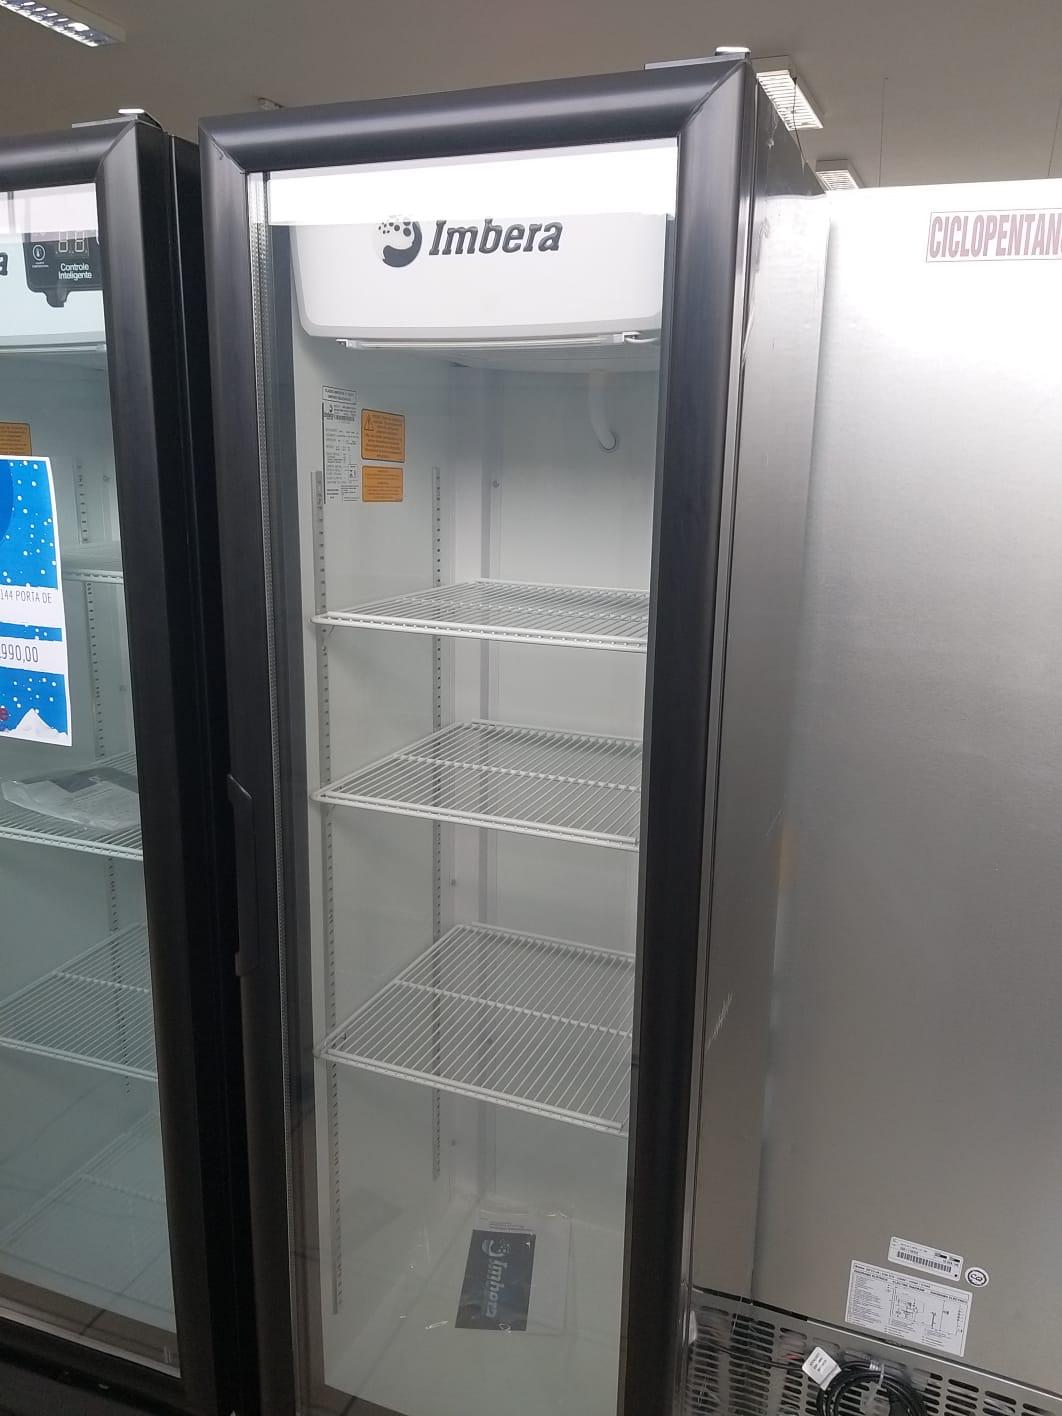 Geladeira Expositora Visa Cooler Multiuso 230L VR08 - Imbera